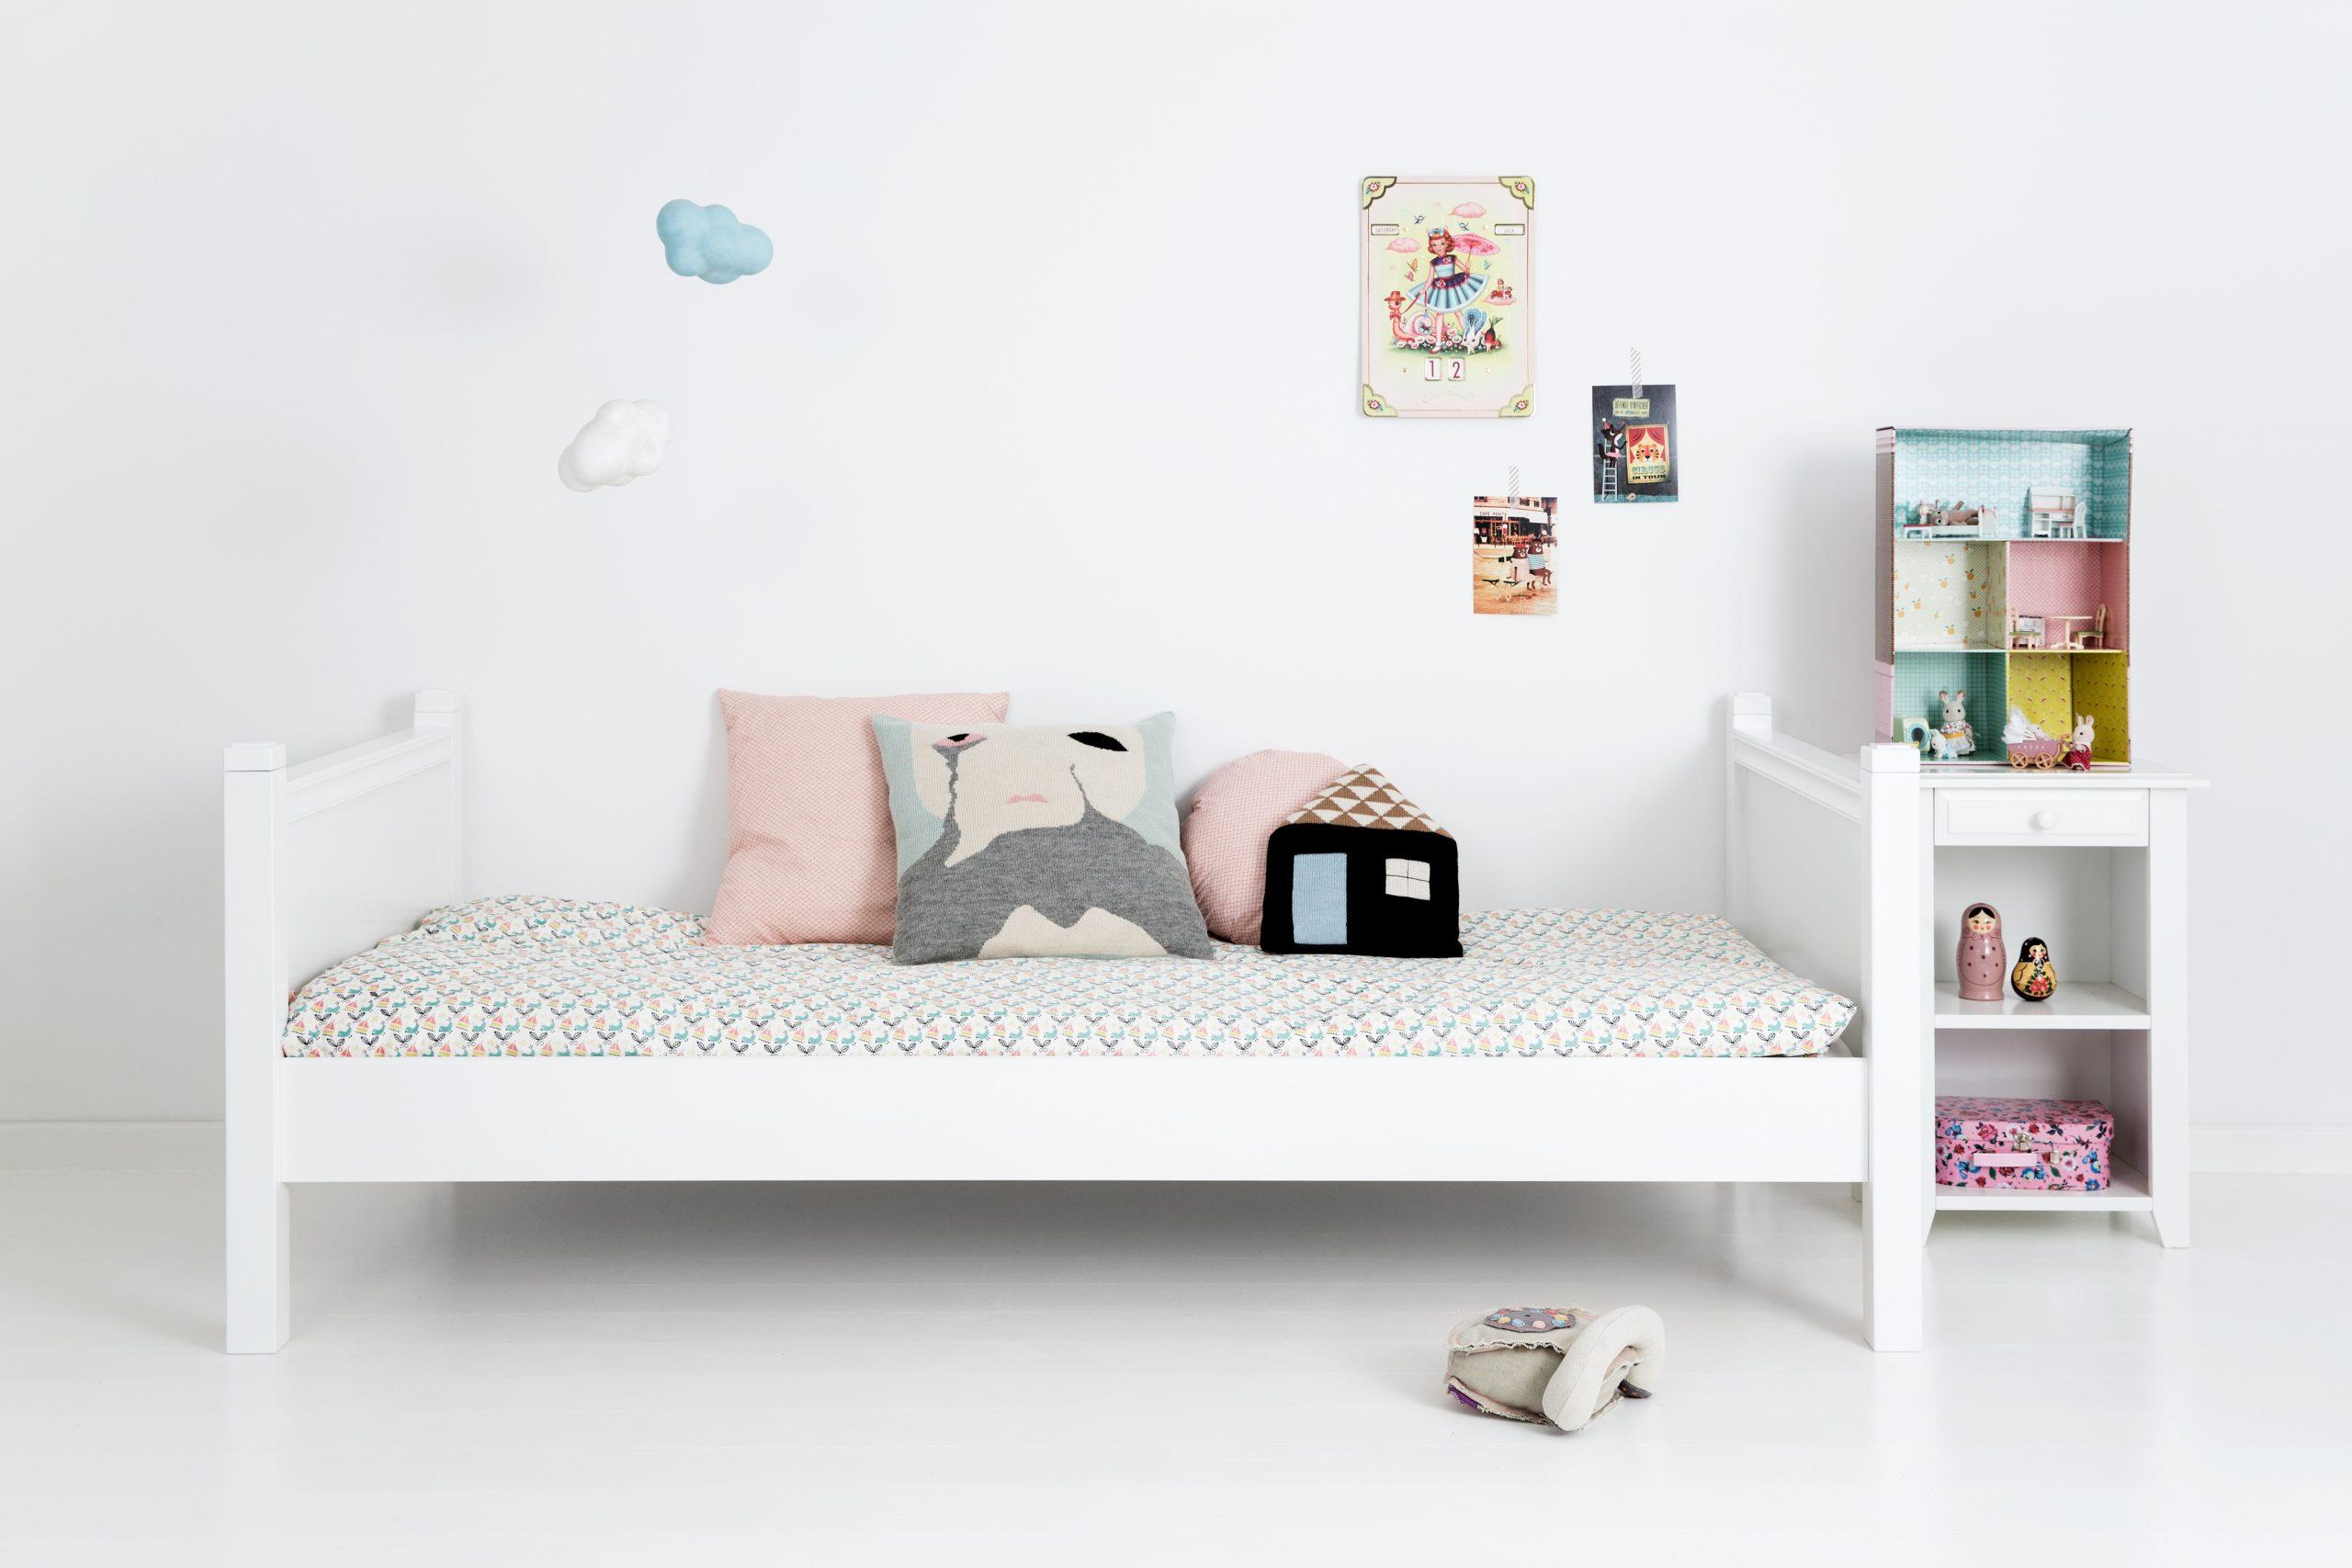 Full Size of Einzelbett Mit Knpfen 90 200 Cm Jabo Betten 90x200 Tempur Aus Holz Ruf Preise 200x220 Bett Weiß Amazon 180x200 Dänisches Bettenlager Badezimmer Frankfurt Bett Betten 90x200